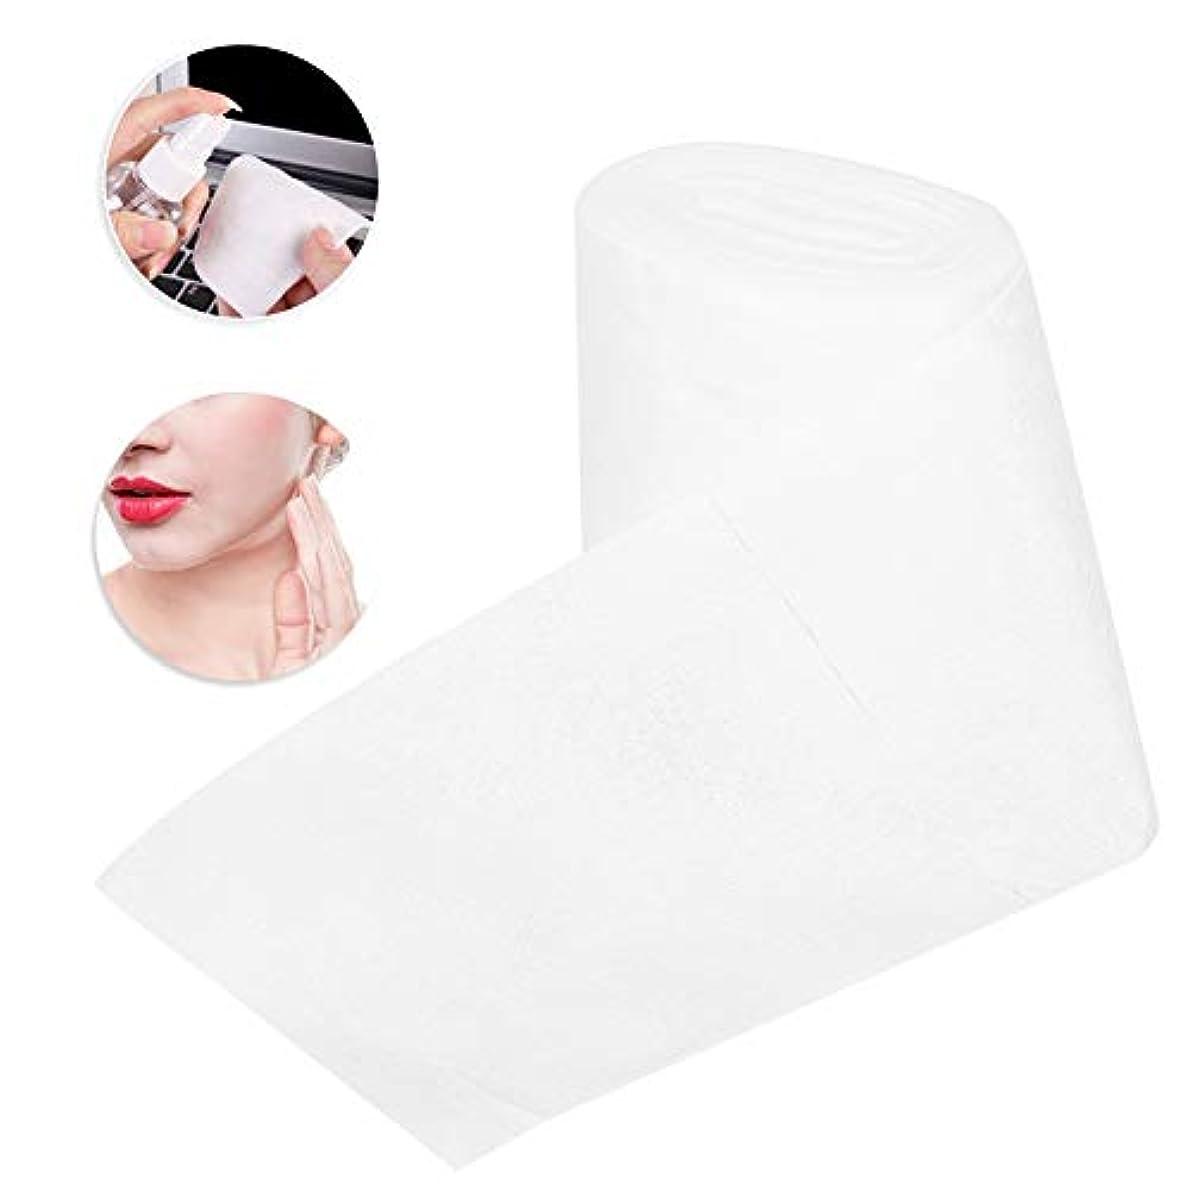 部族中央値プライム不織布 使い捨てタオル メイクアップはクレンジングフェイシャルメイクアップ除去のための綿パッドを拭きます、しっとりと乾燥することができます